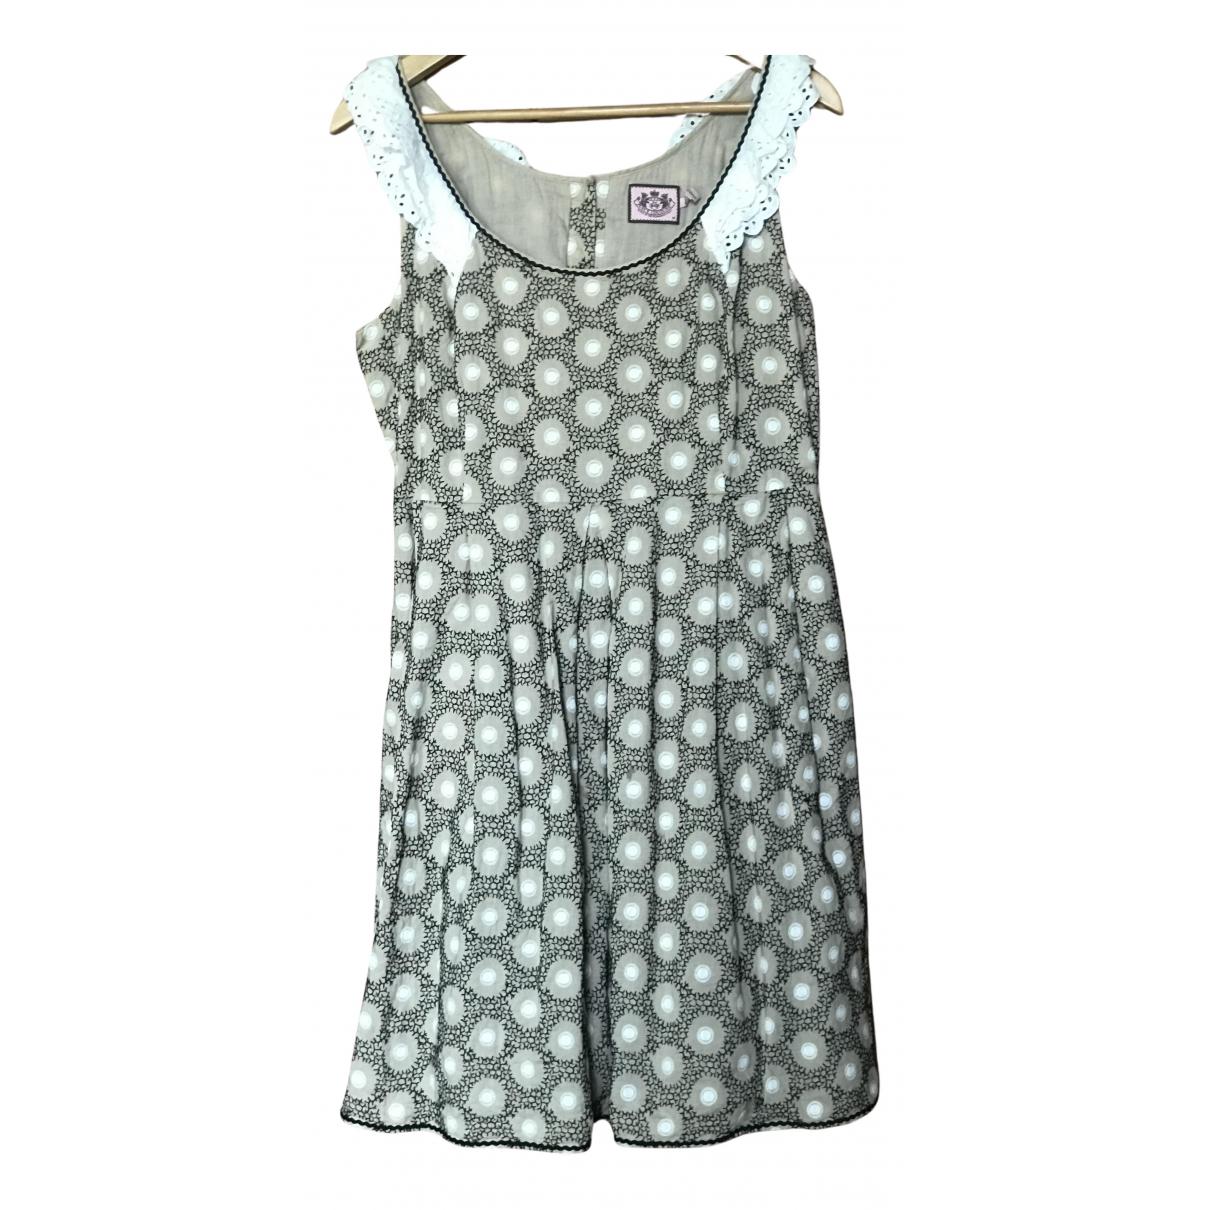 Juicy Couture \N Kleid in Baumwolle